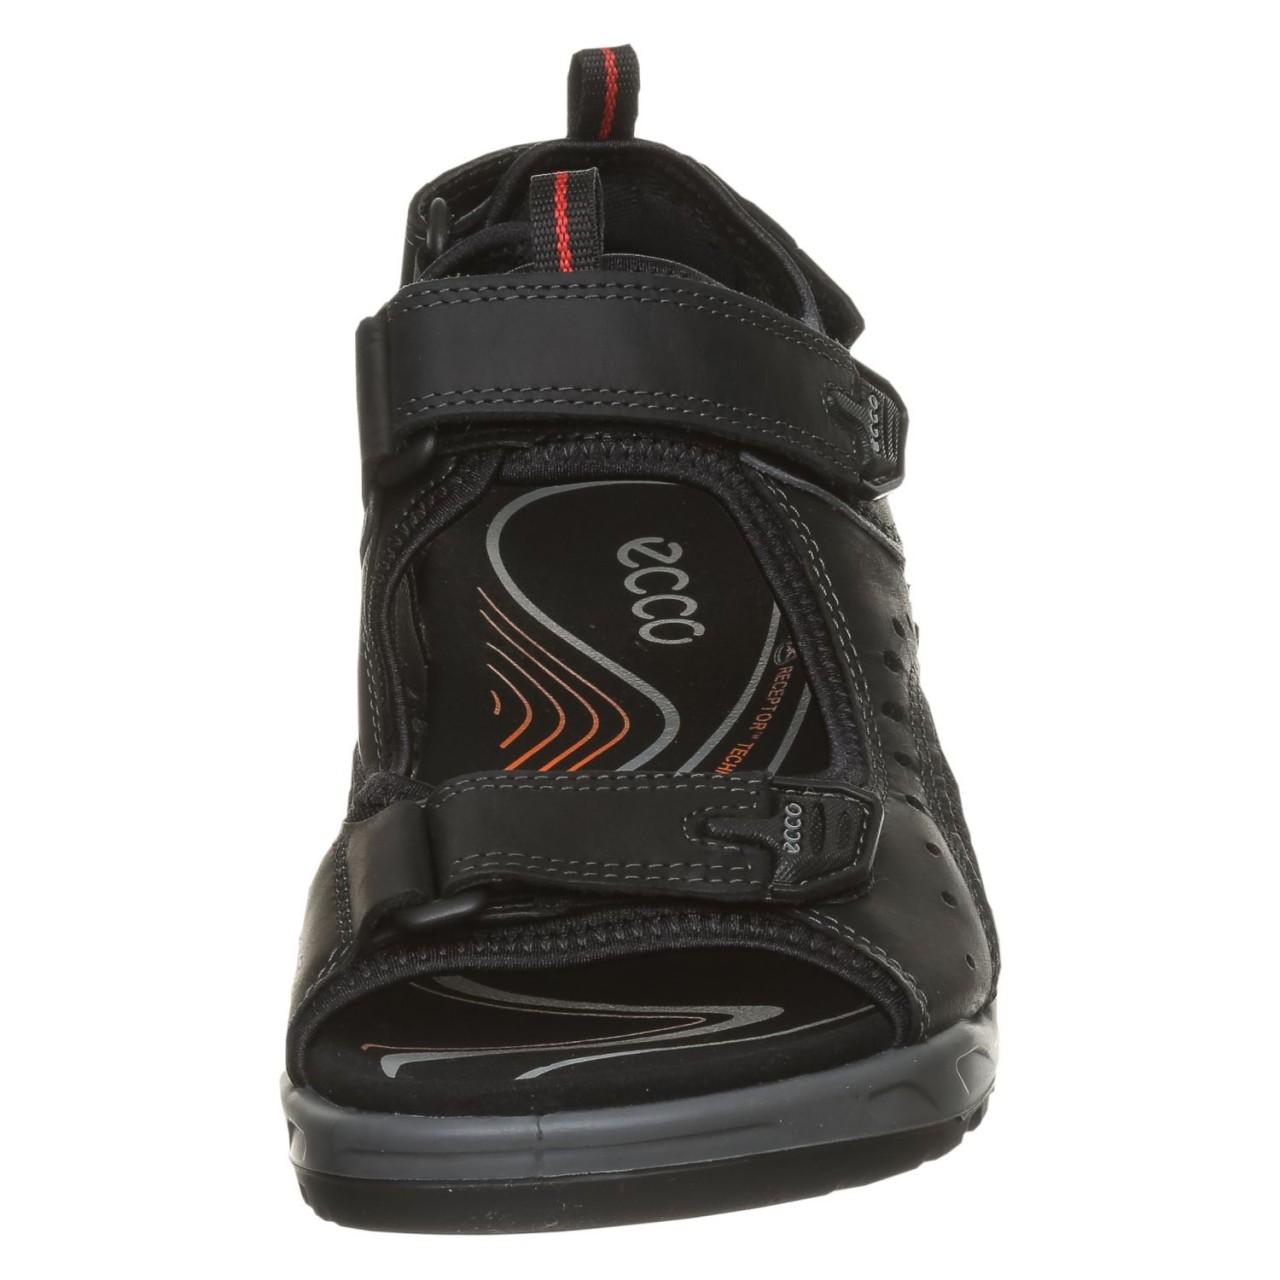 Ecco Sportliche Sandalen Schwarz Offroad